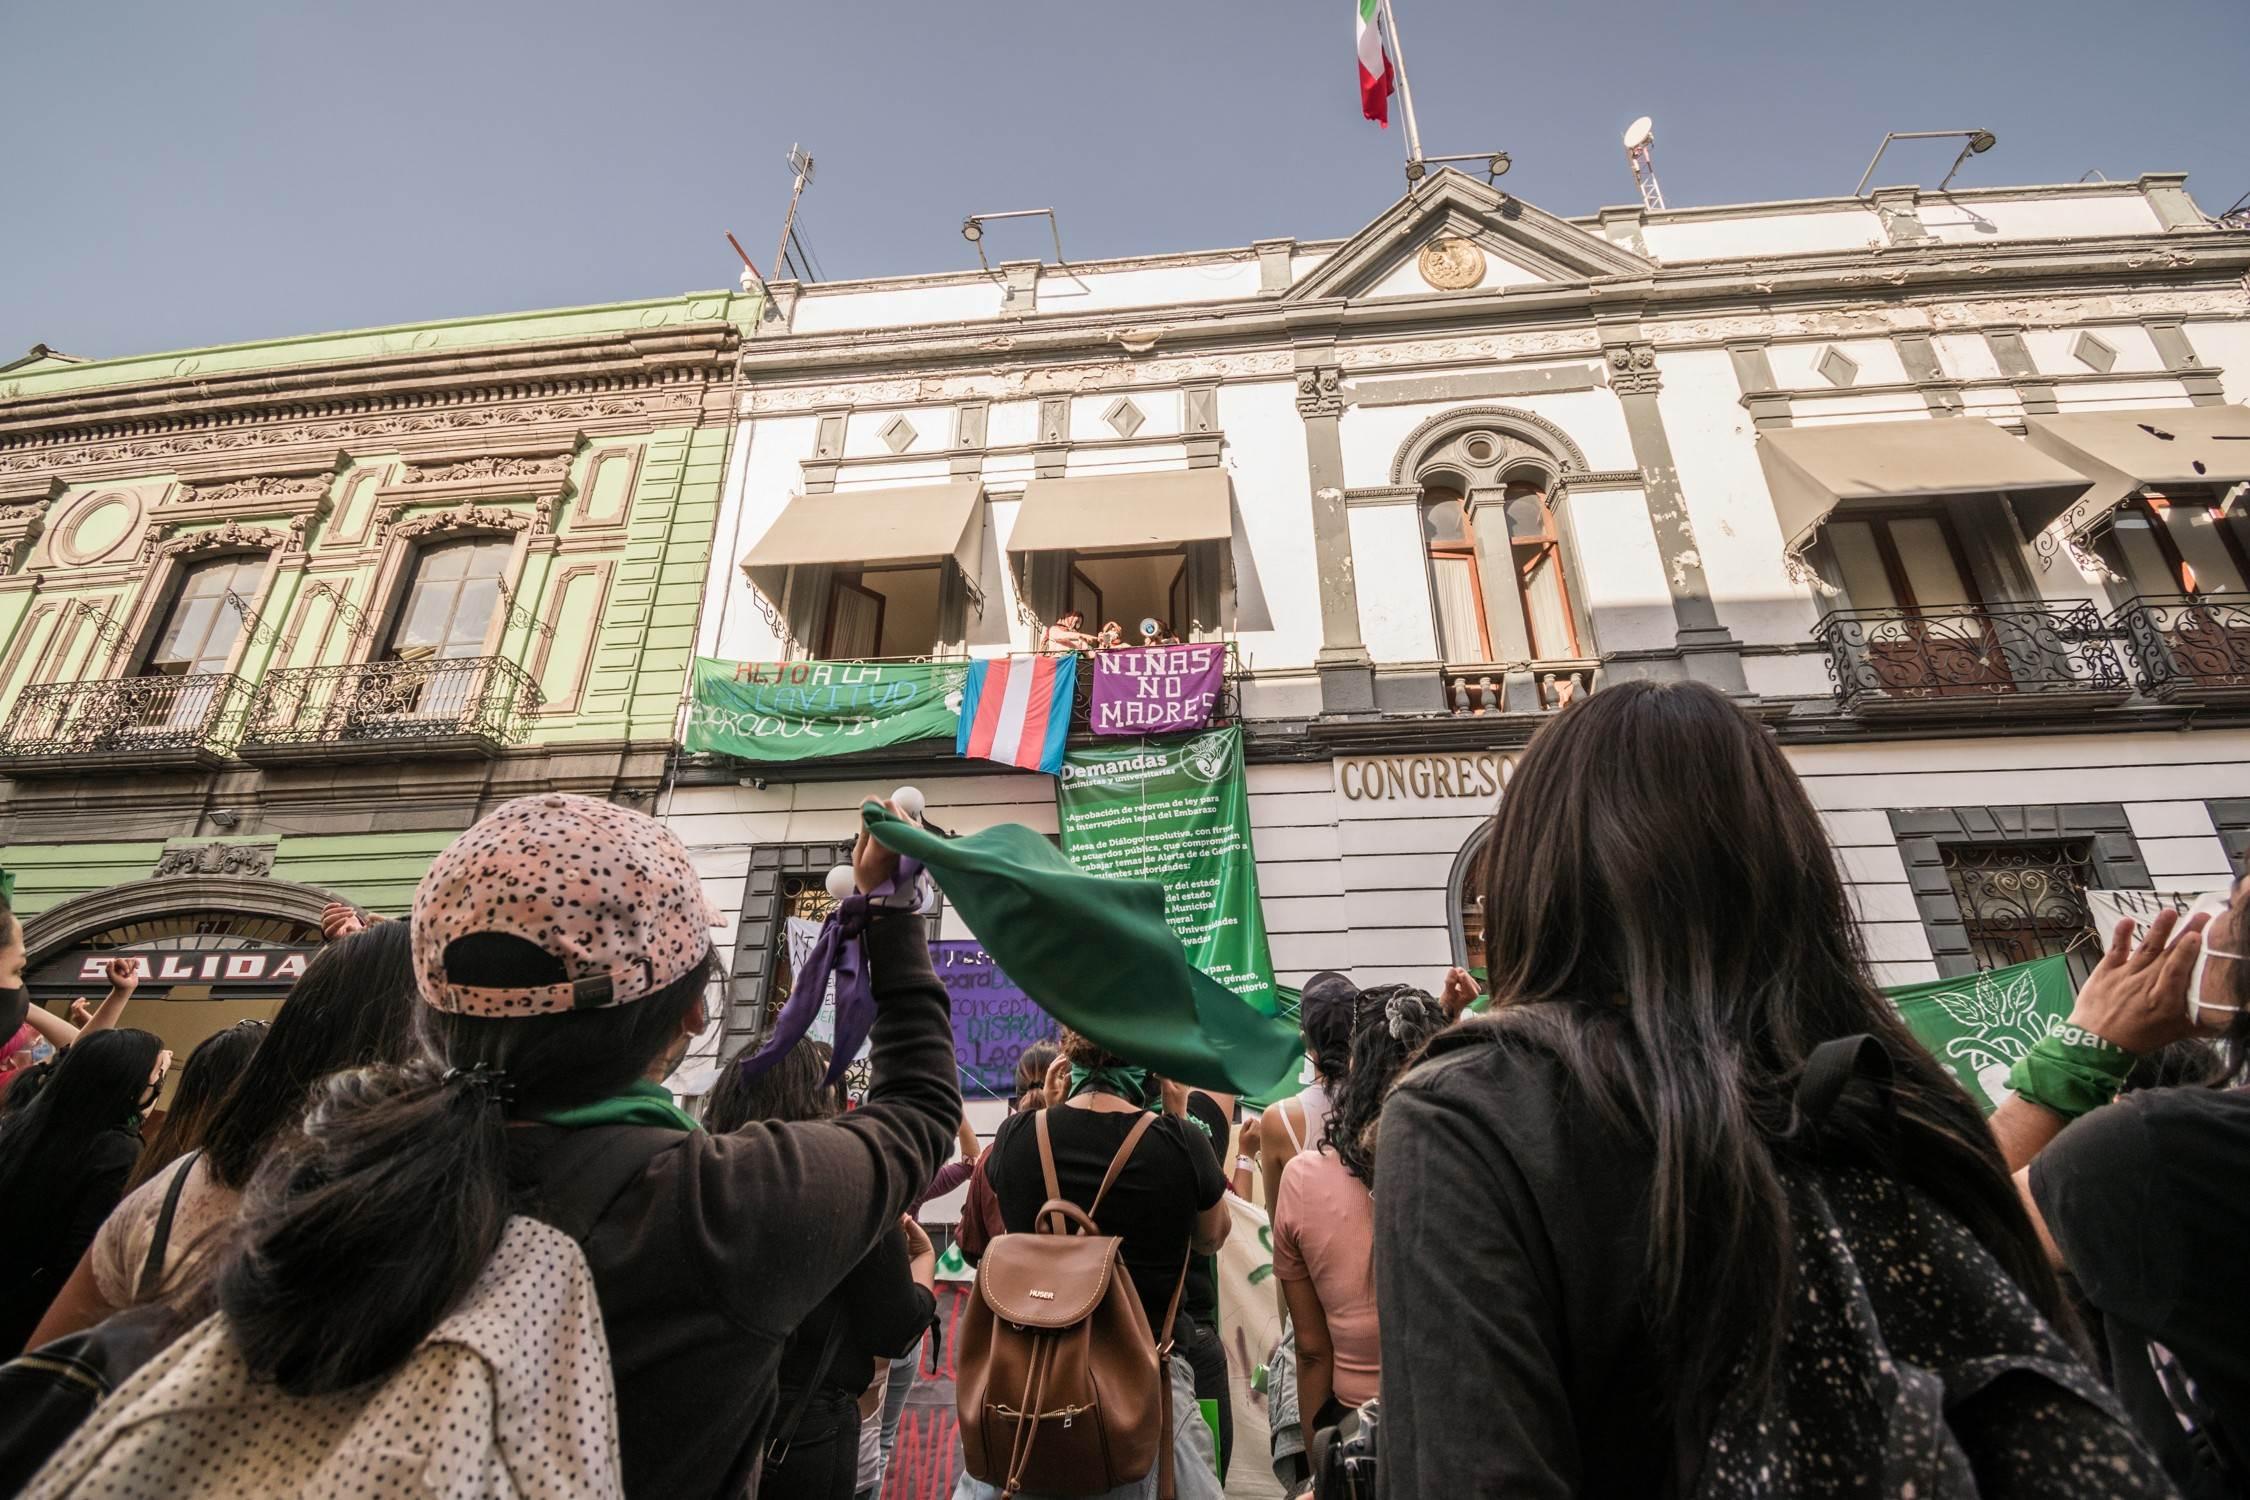 La toma del Congreso de Puebla comenzó como un despliegue audaz de dos organizaciones de mujeres jóvenes, pero ha derivado en un amplio bloque que reúne a organizaciones de derechos sexuales, activistas, políticas, funcionarias, artistas, periodistas y un largo etcétera. Fotografía: Daniel Chazari.